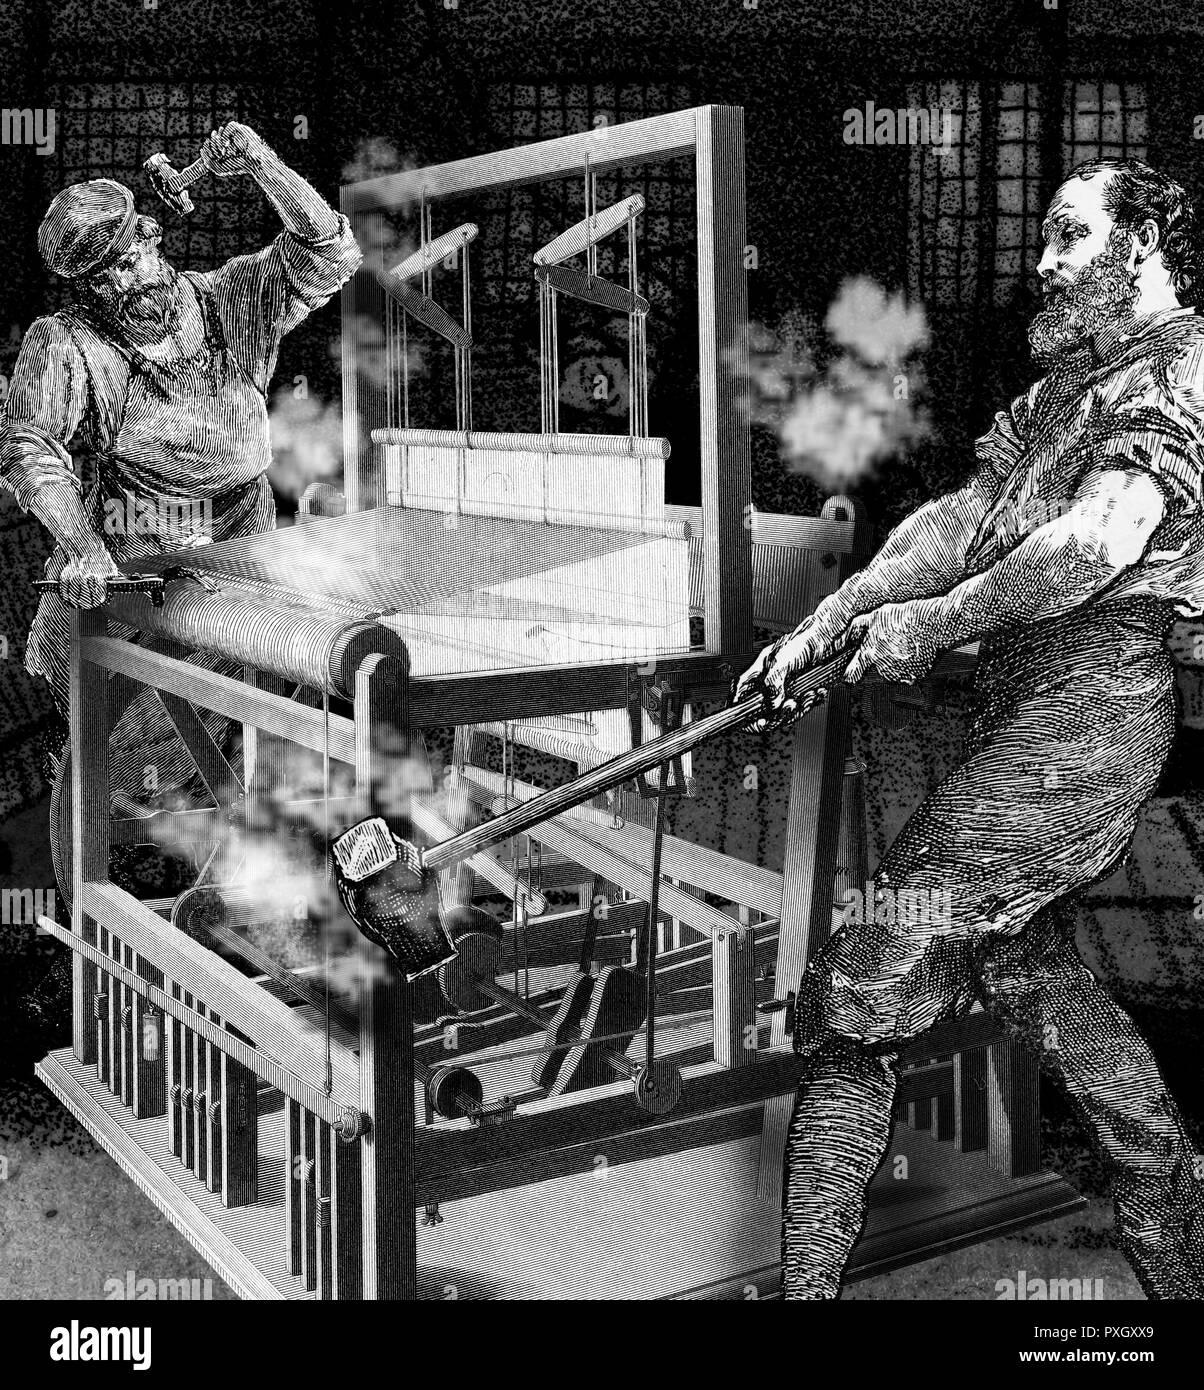 """Smash Luddites machines à tisser dans une usine textile de Nottingham. Les luddites étaient un mouvement de groupe radical de l'anglais les travailleurs du textile et des tisserands au début du 19ème siècle qui détruit machines à tisser comme forme de protestation. Le groupe protestait contre l'utilisation des machines dans un """"faux et trompeurs"""" façon de contourner les pratiques de travail standard. Le groupe redoute le temps consacré à l'apprentissage des compétences de leur métier serait gaspillé comme des machines à remplacer leur rôle dans l'industrie. Plus récemment, le terme a vu Neo-Luddism pour décrire l'opposition à de nombreuses formes de tec Photo Stock"""